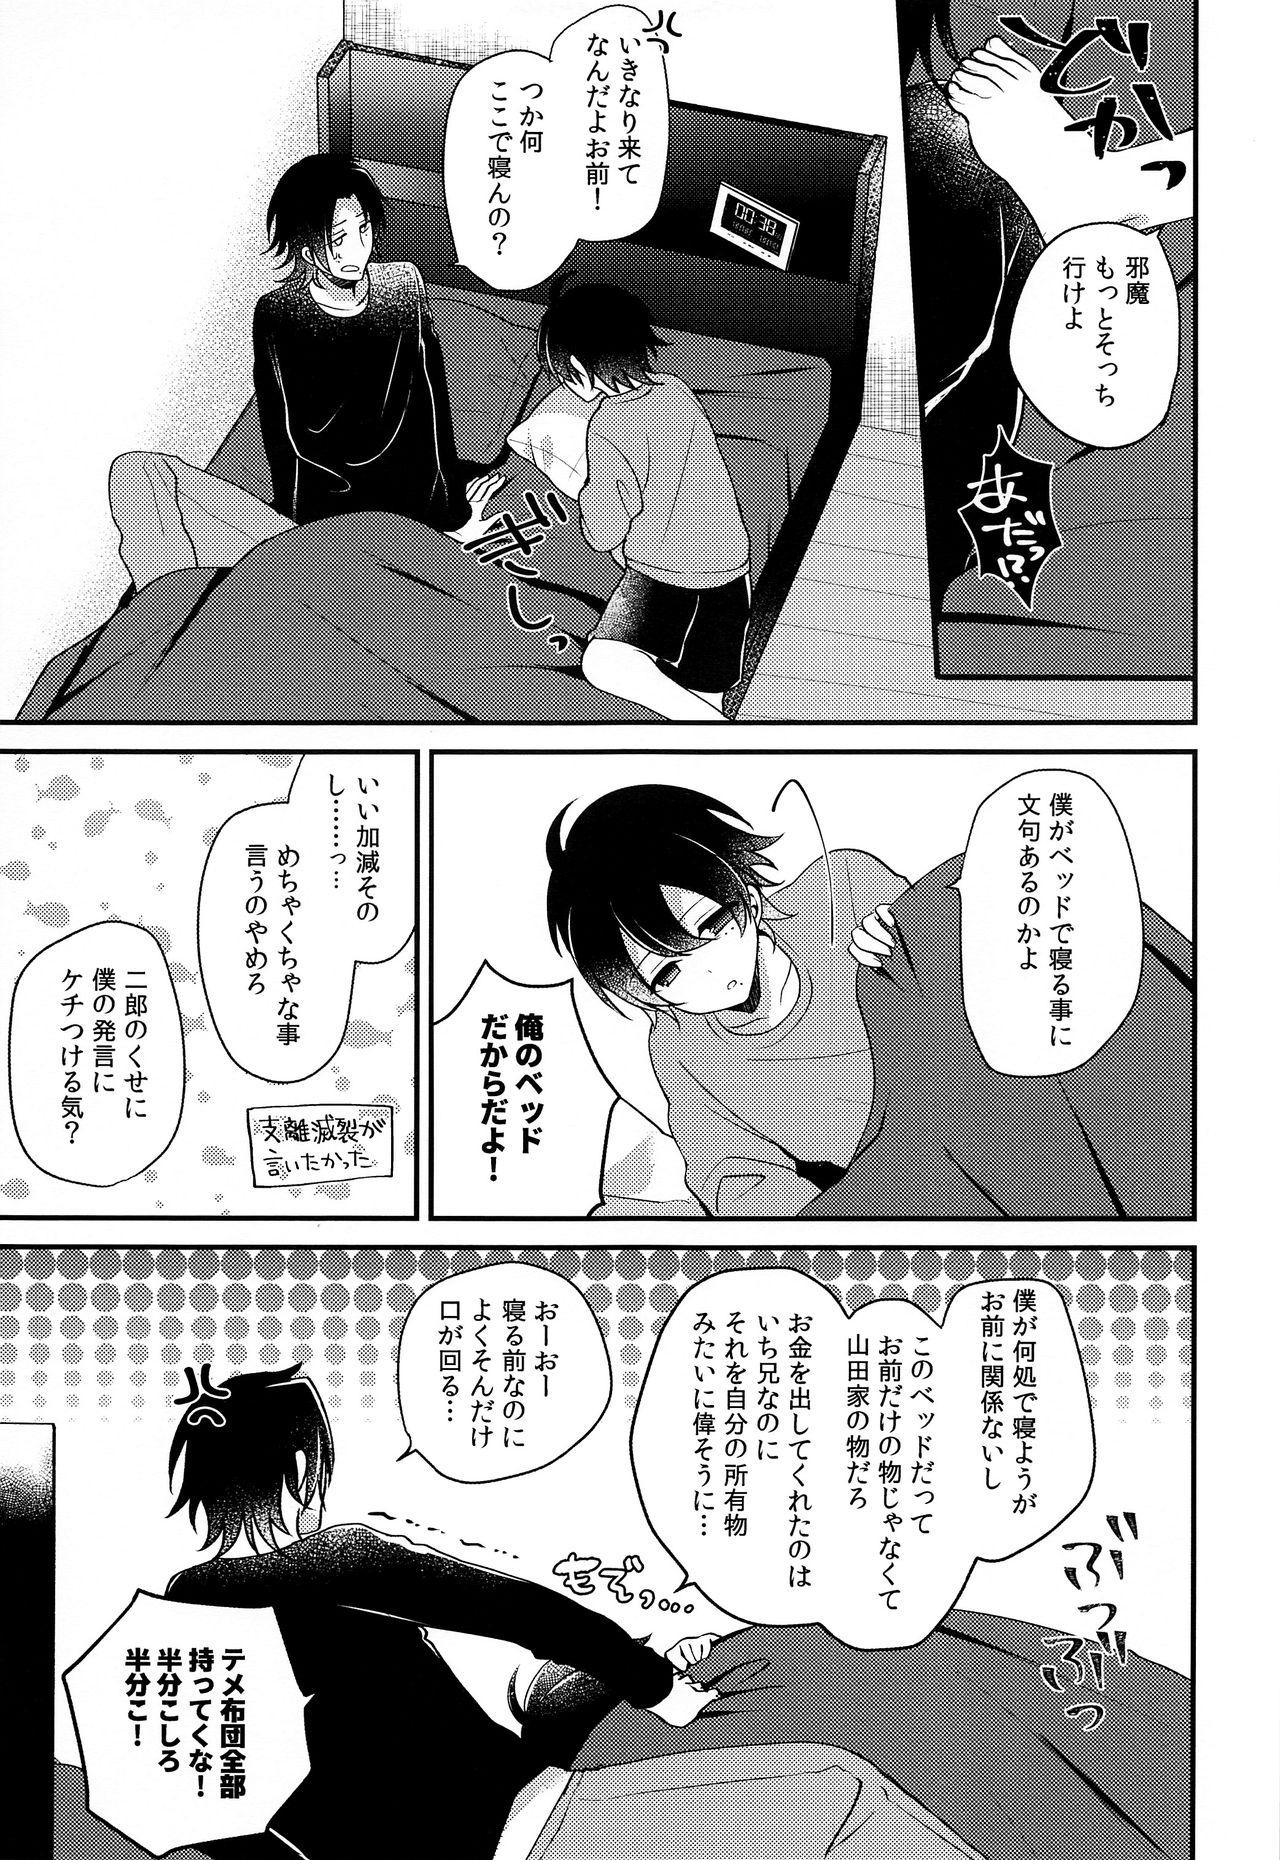 Boku no Gukei o Shoukai Shimasu 23